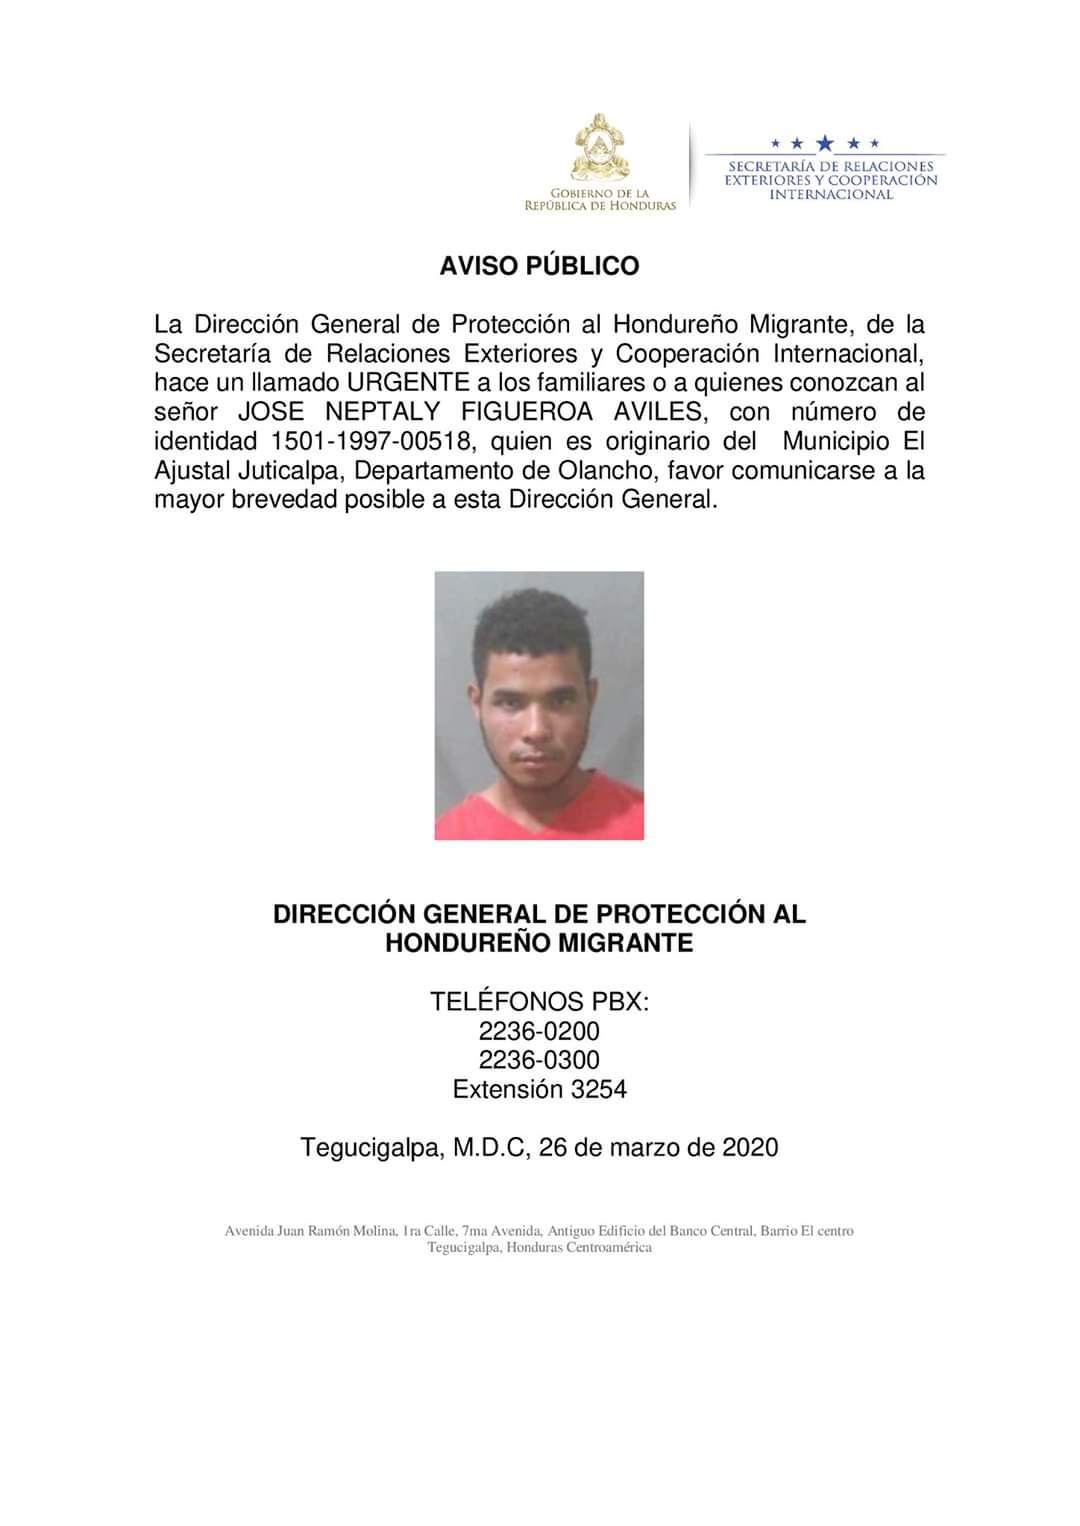 Cancillería busca a hondureño por caso de su hija en una corte de EEUU